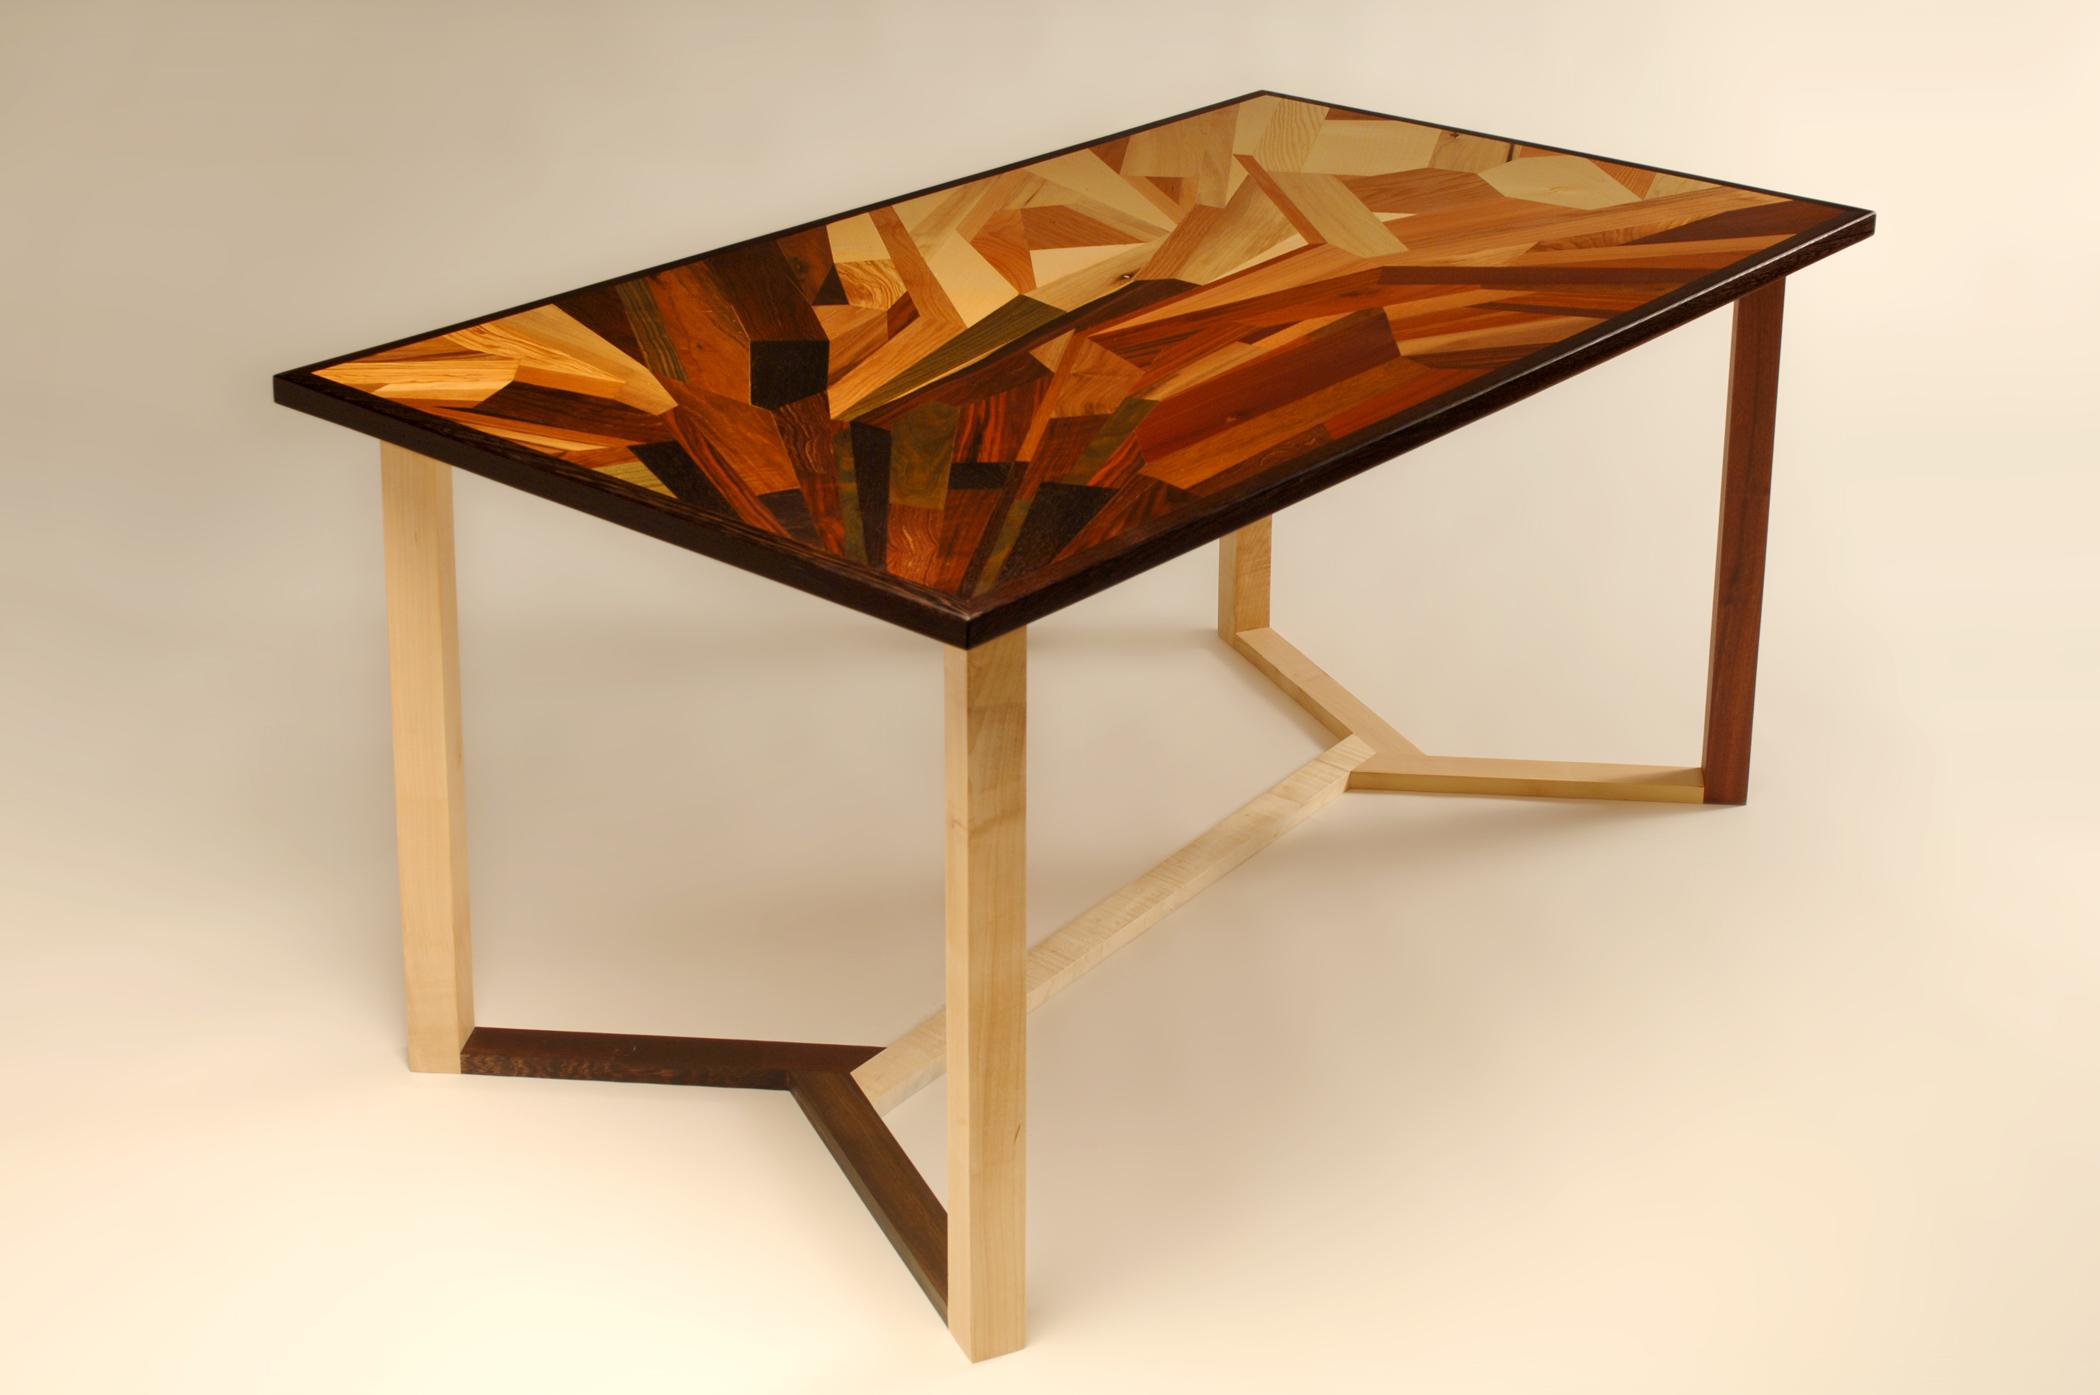 Tavolo di design con piano intarsiato e struttura in legno massello monocromatico